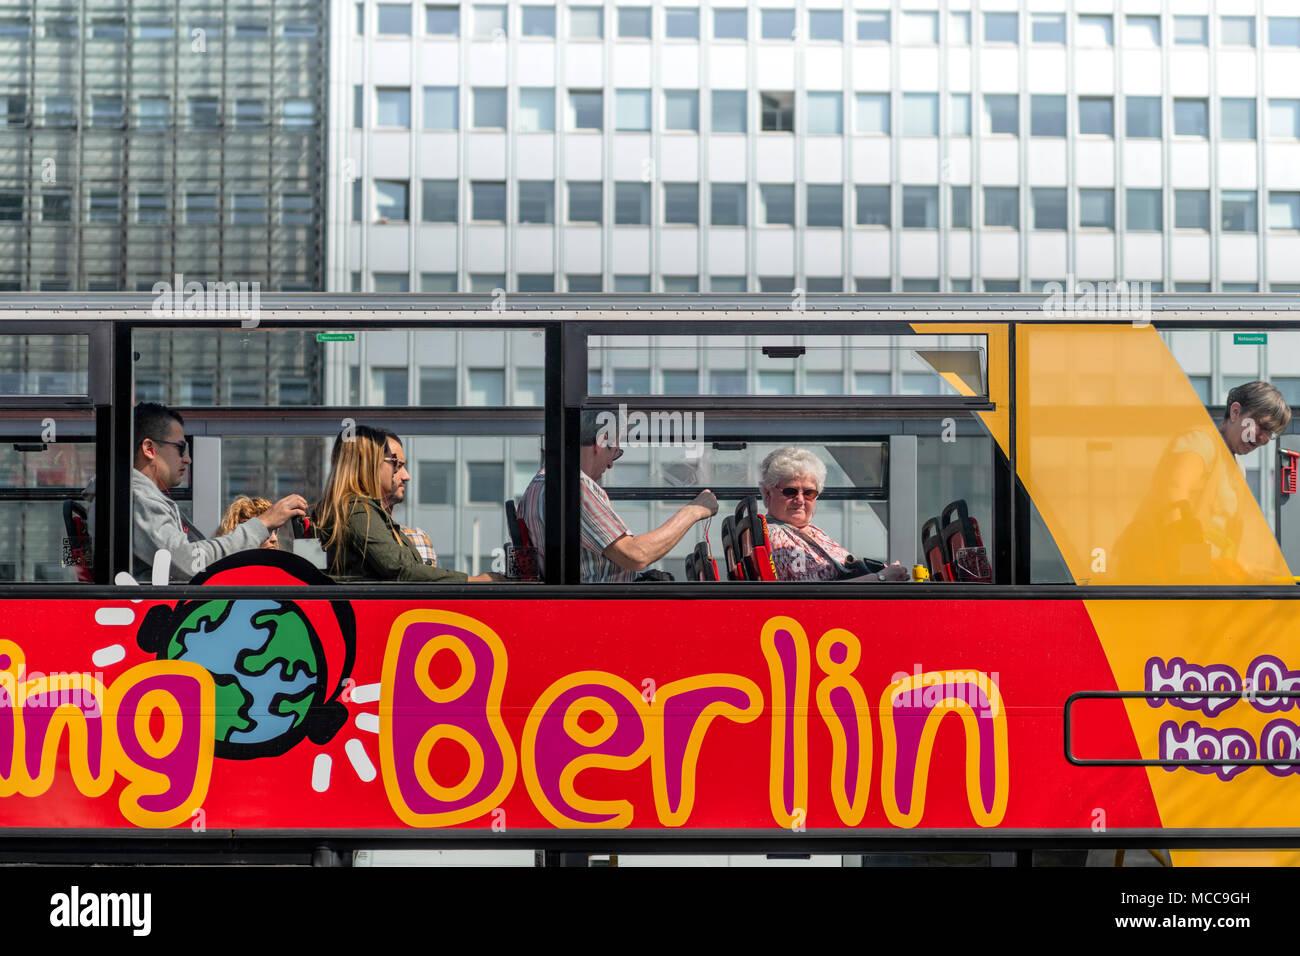 Les gens s'assoient sur le pont supérieur d'un des nombreux 'Hop On, Hop Off' des bus qui sont une attraction touristique dans la capitale allemande de Berlin. Photo Stock